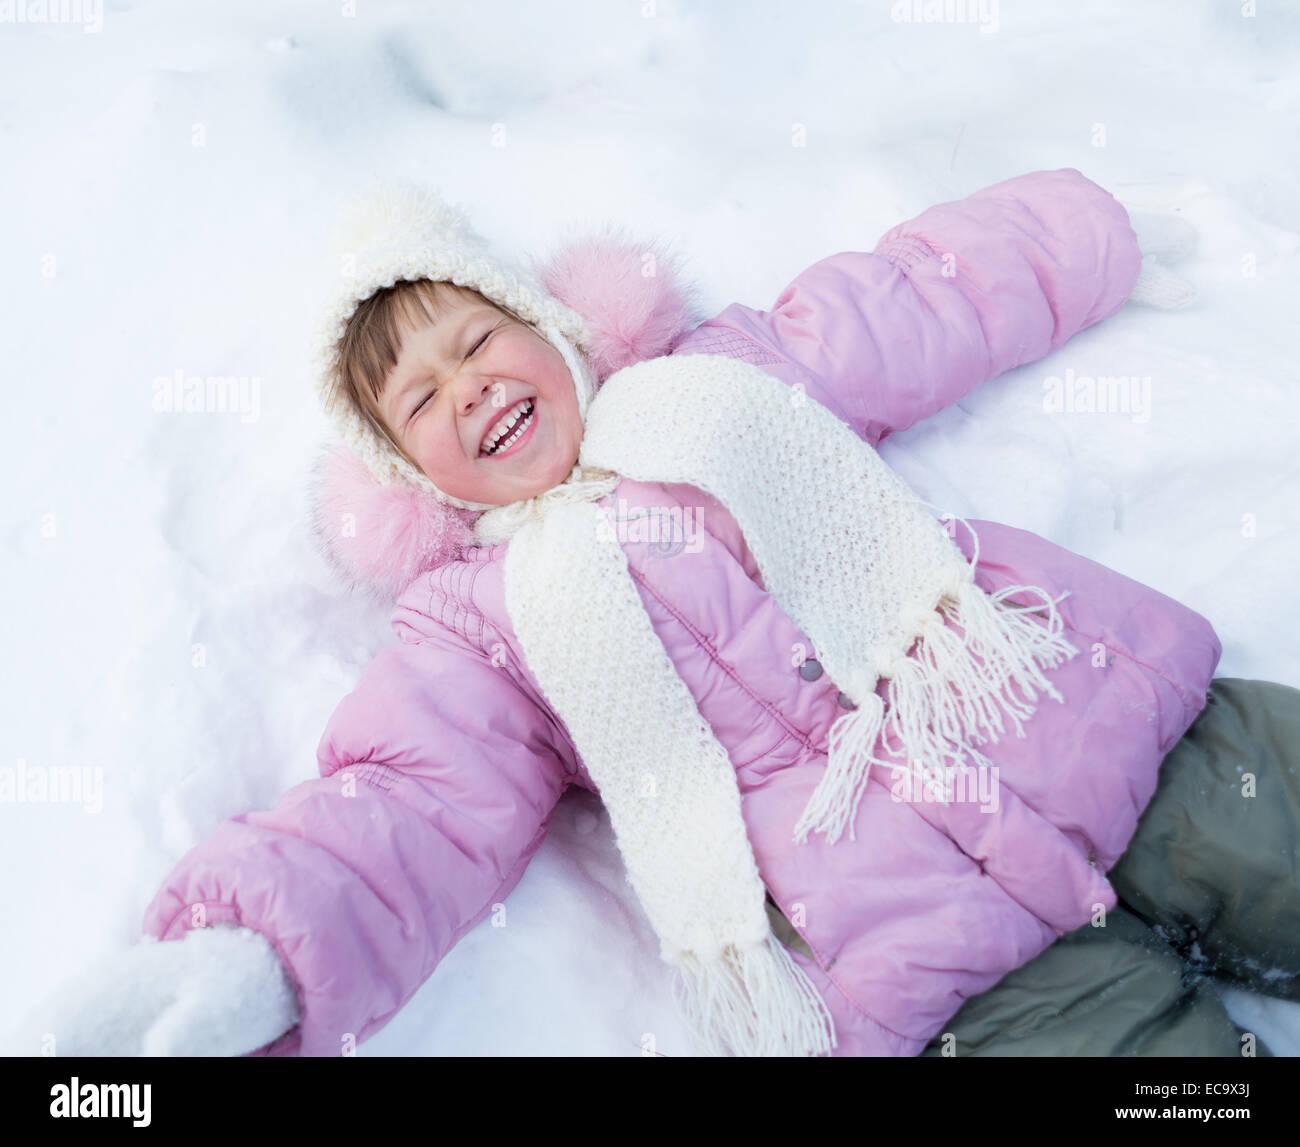 Glückliches Kind liegen auf Schnee im Winter im freien Stockbild